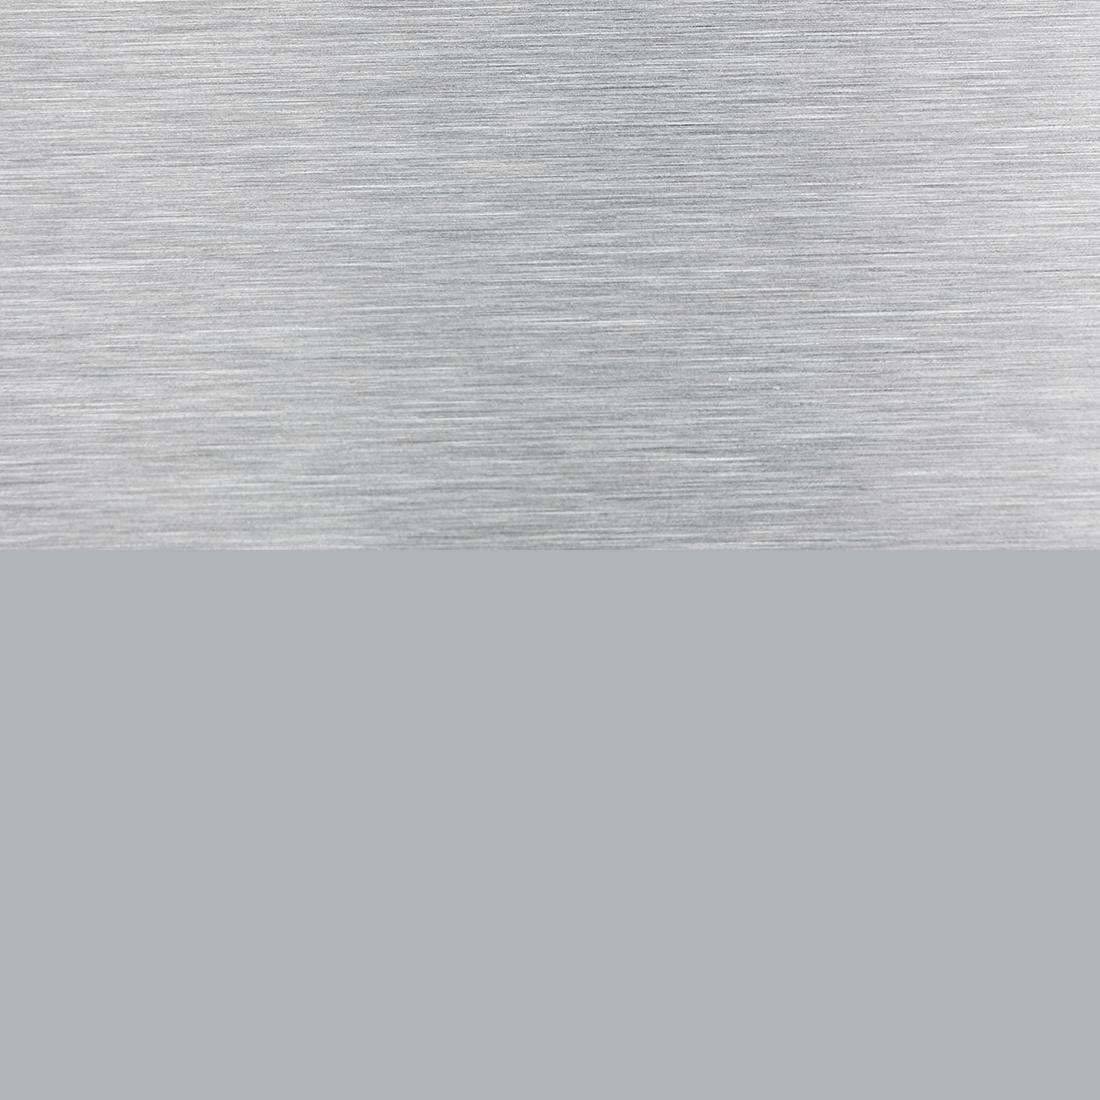 Splash Grey/Brushed Aluminium 4 x 2100 x 750mm